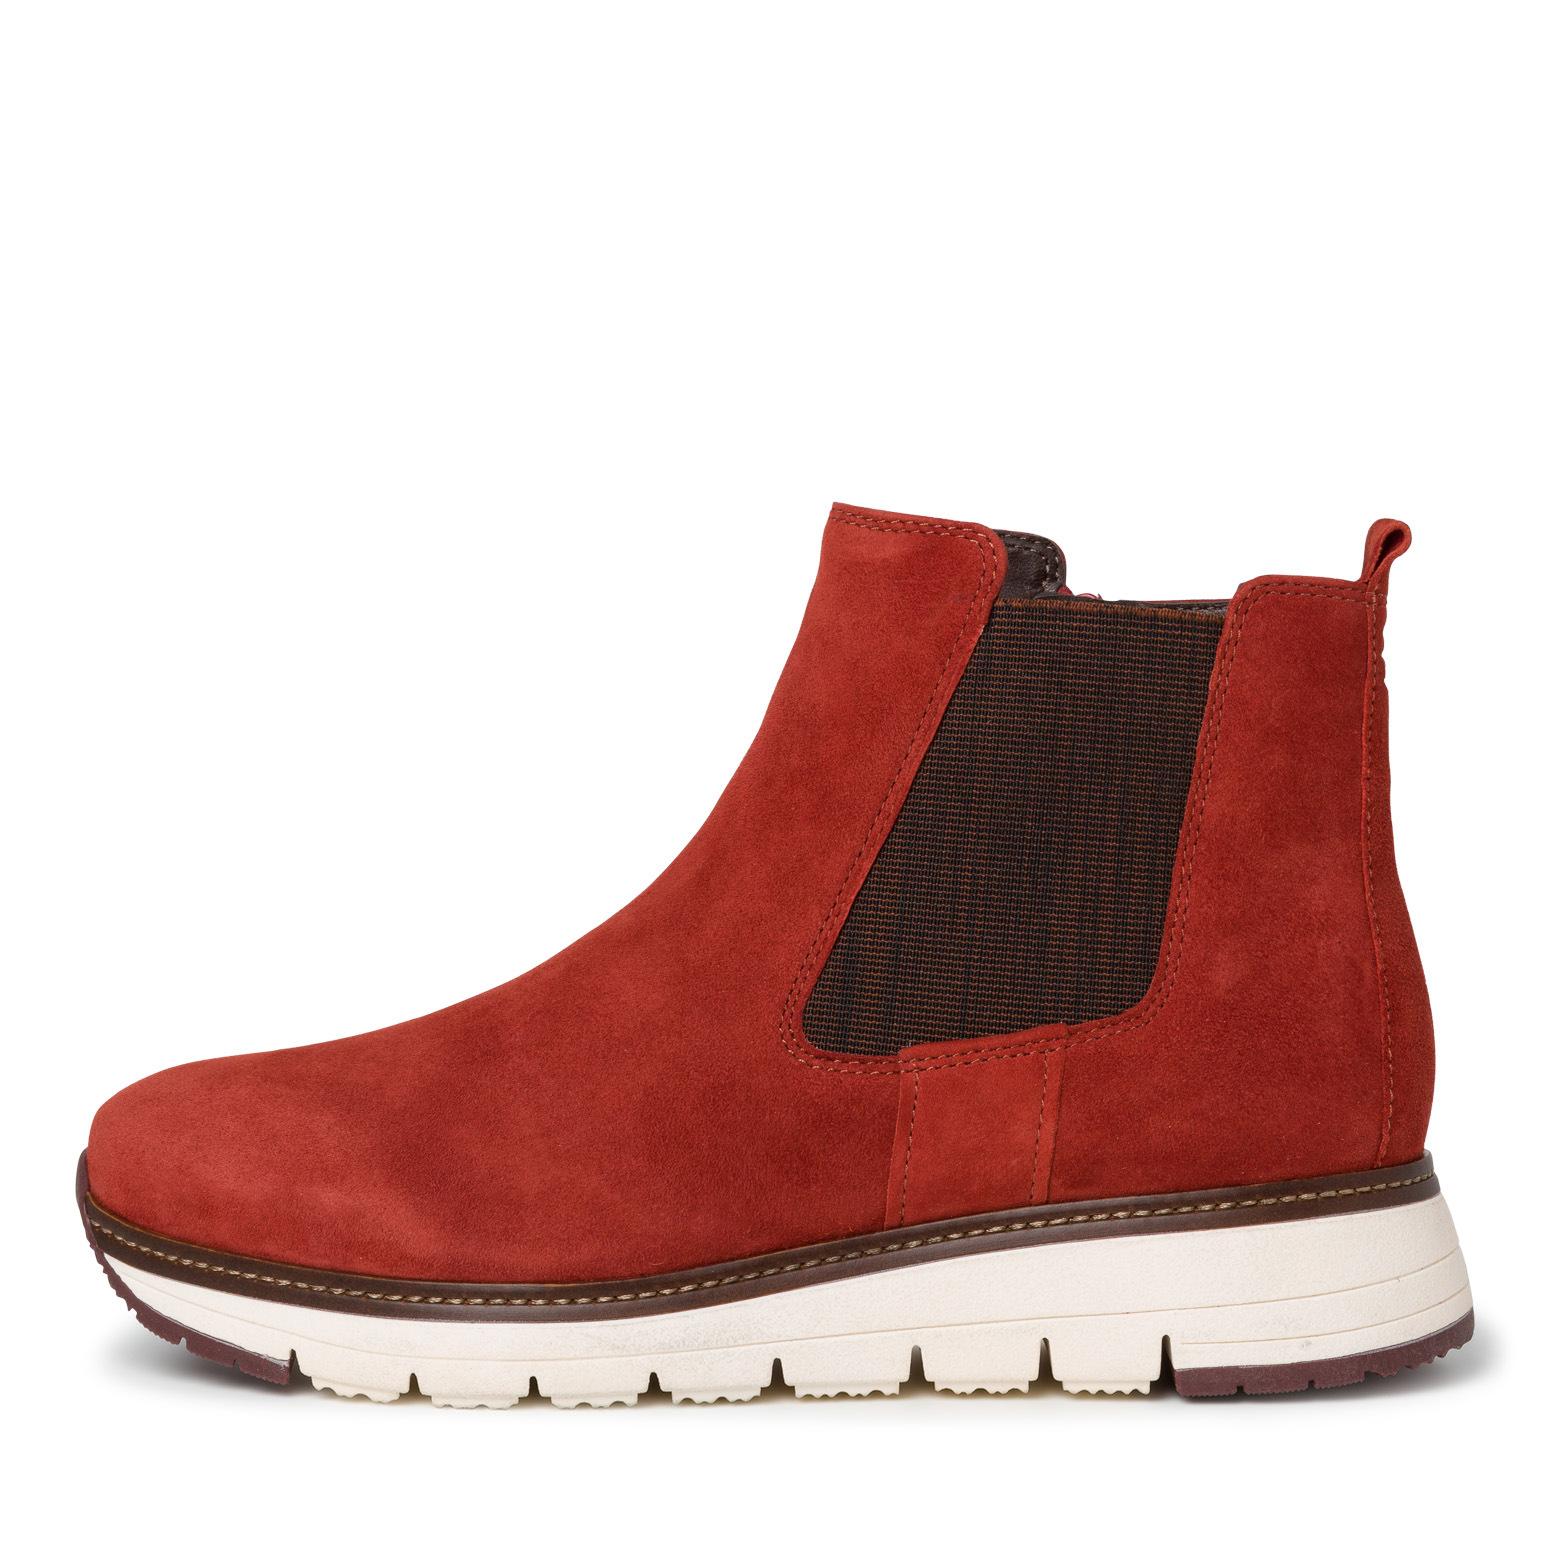 Tamaris rustrød sko